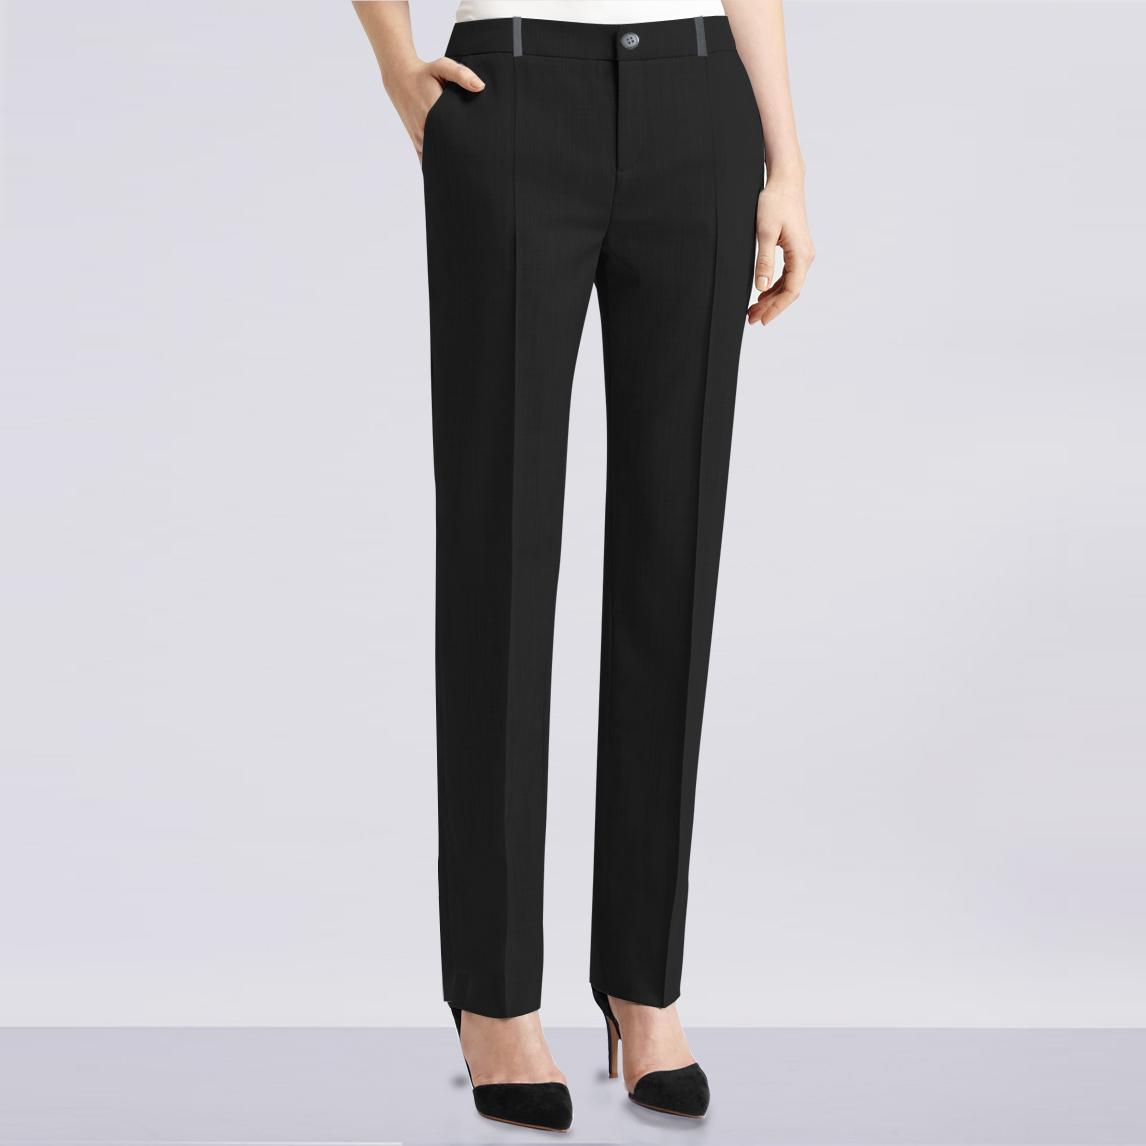 Quần T¢y C´ng Sá Ÿ Q02 Buy sell online Pants with cheap price #0: 2ecae47b589afda3a a